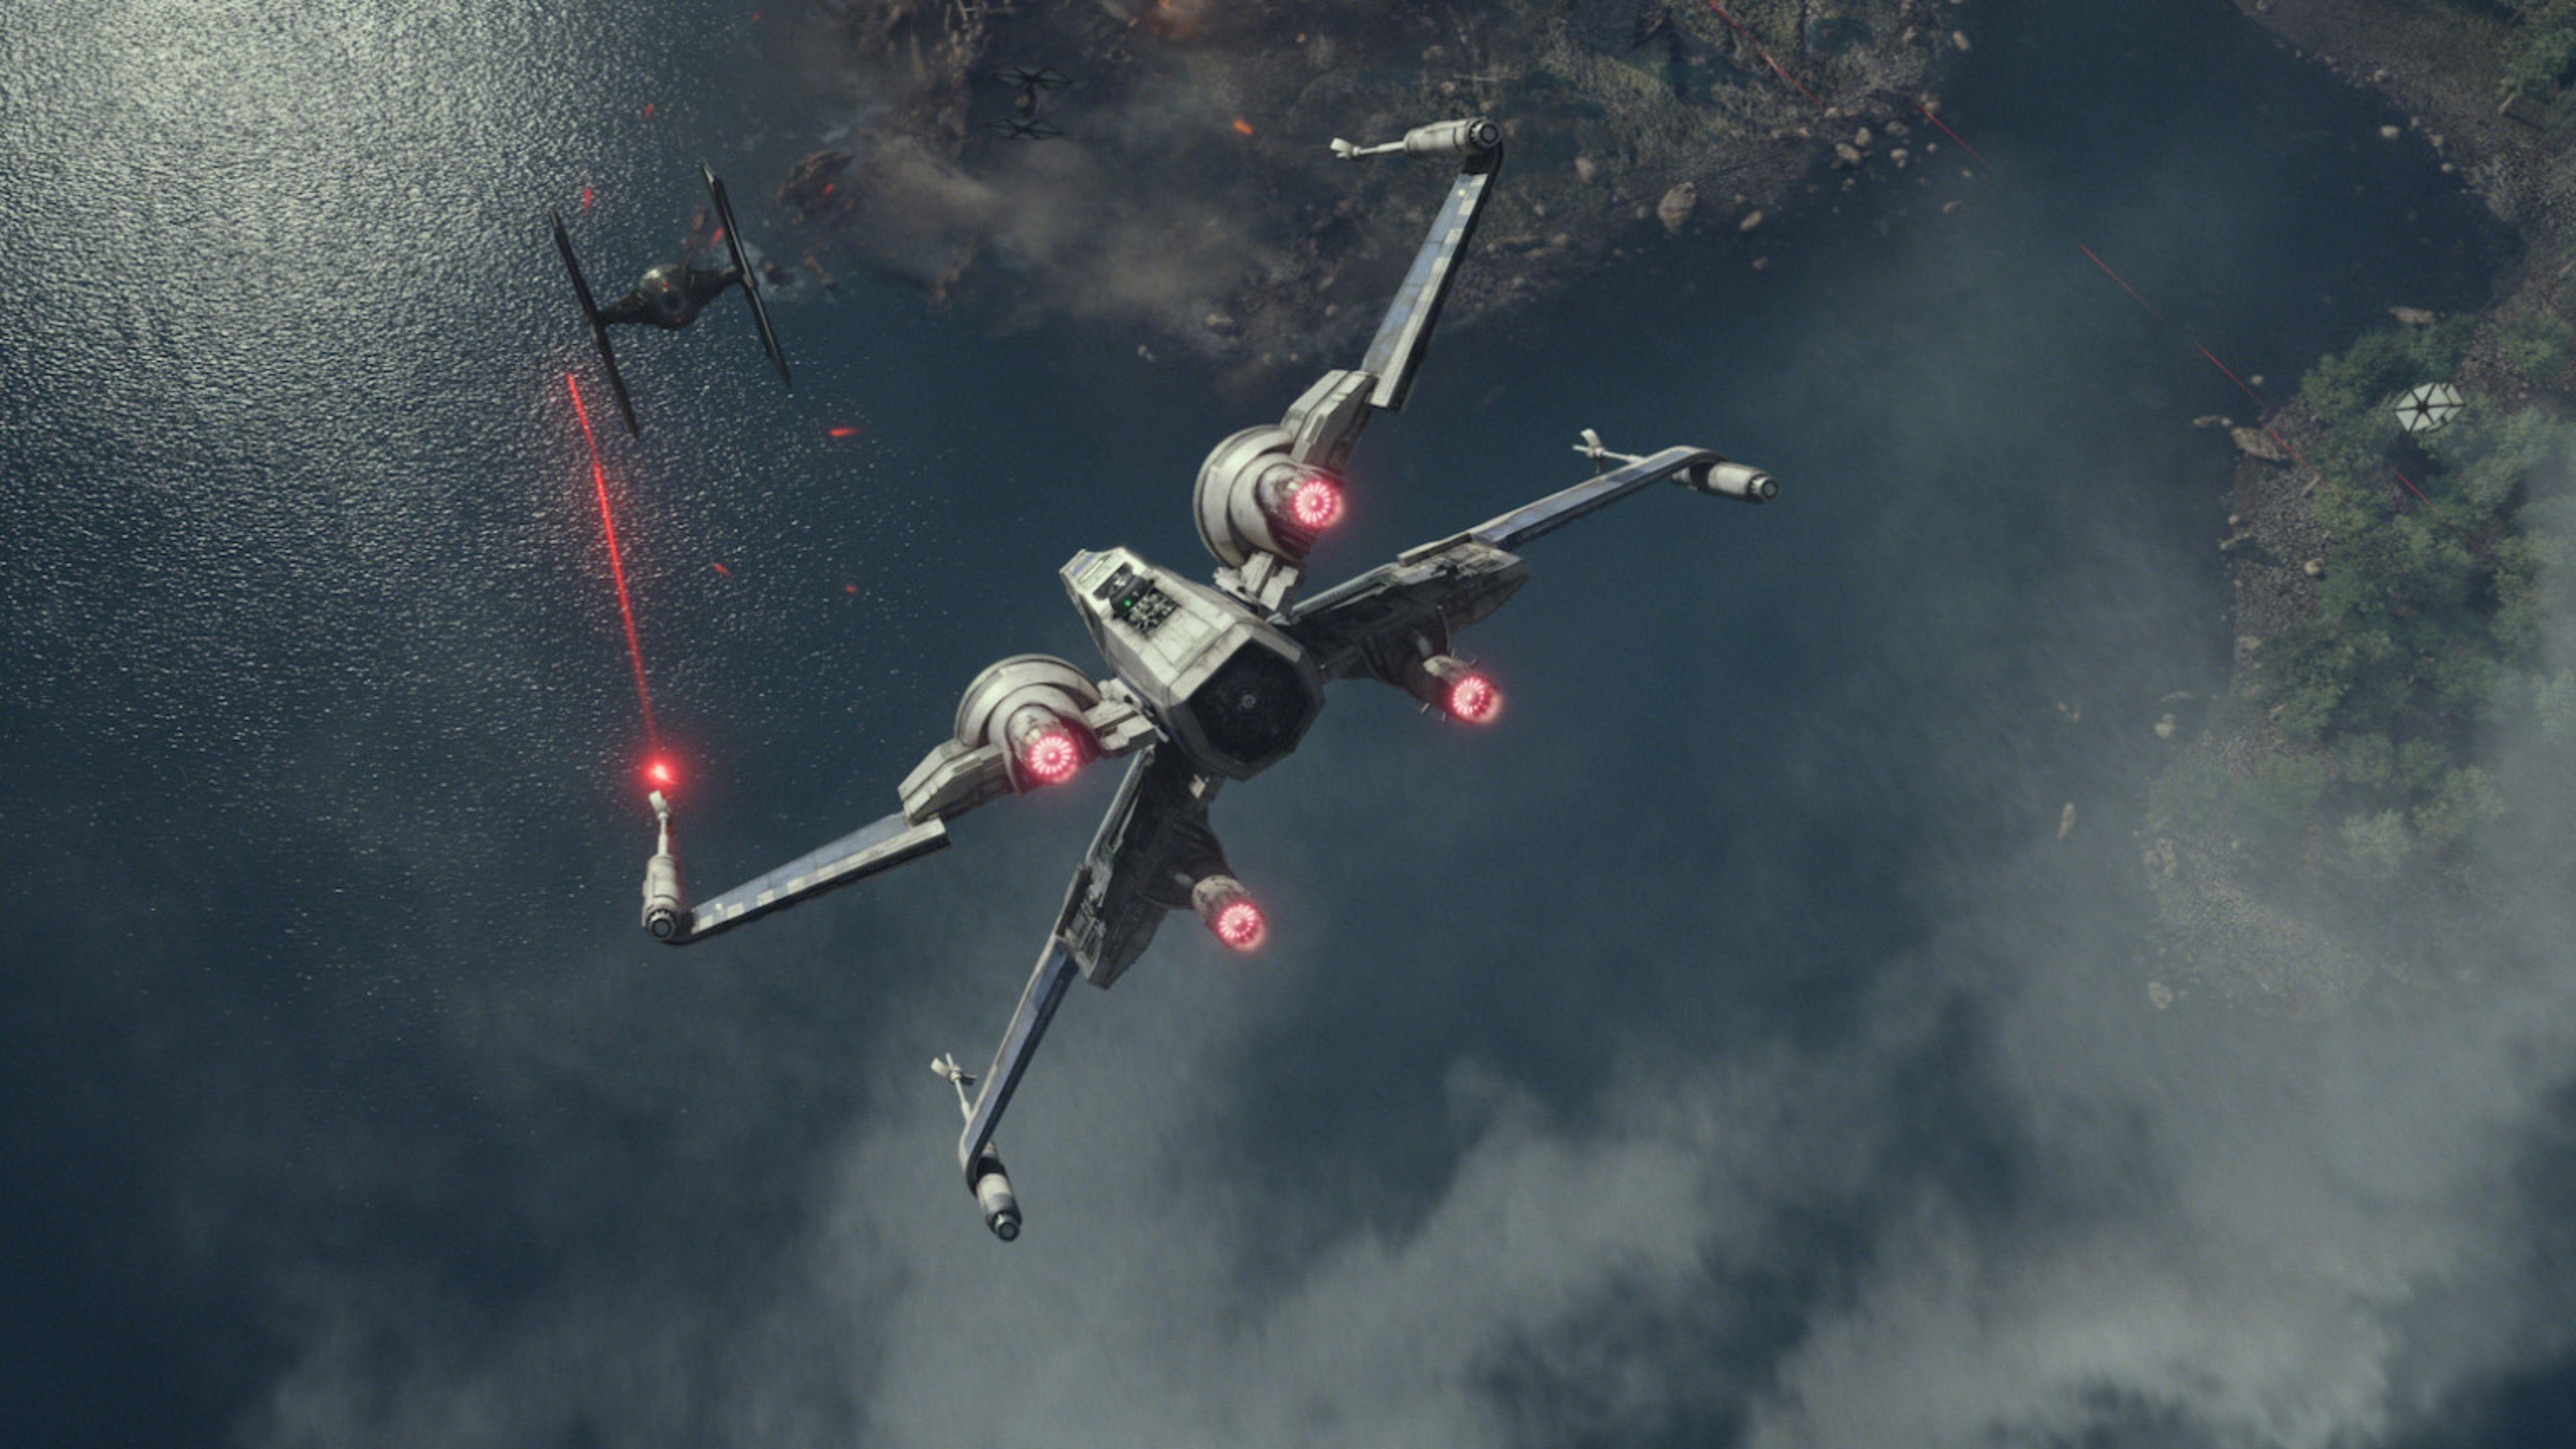 4K Star Wars wallpaper ·â' Download free stunning full HD